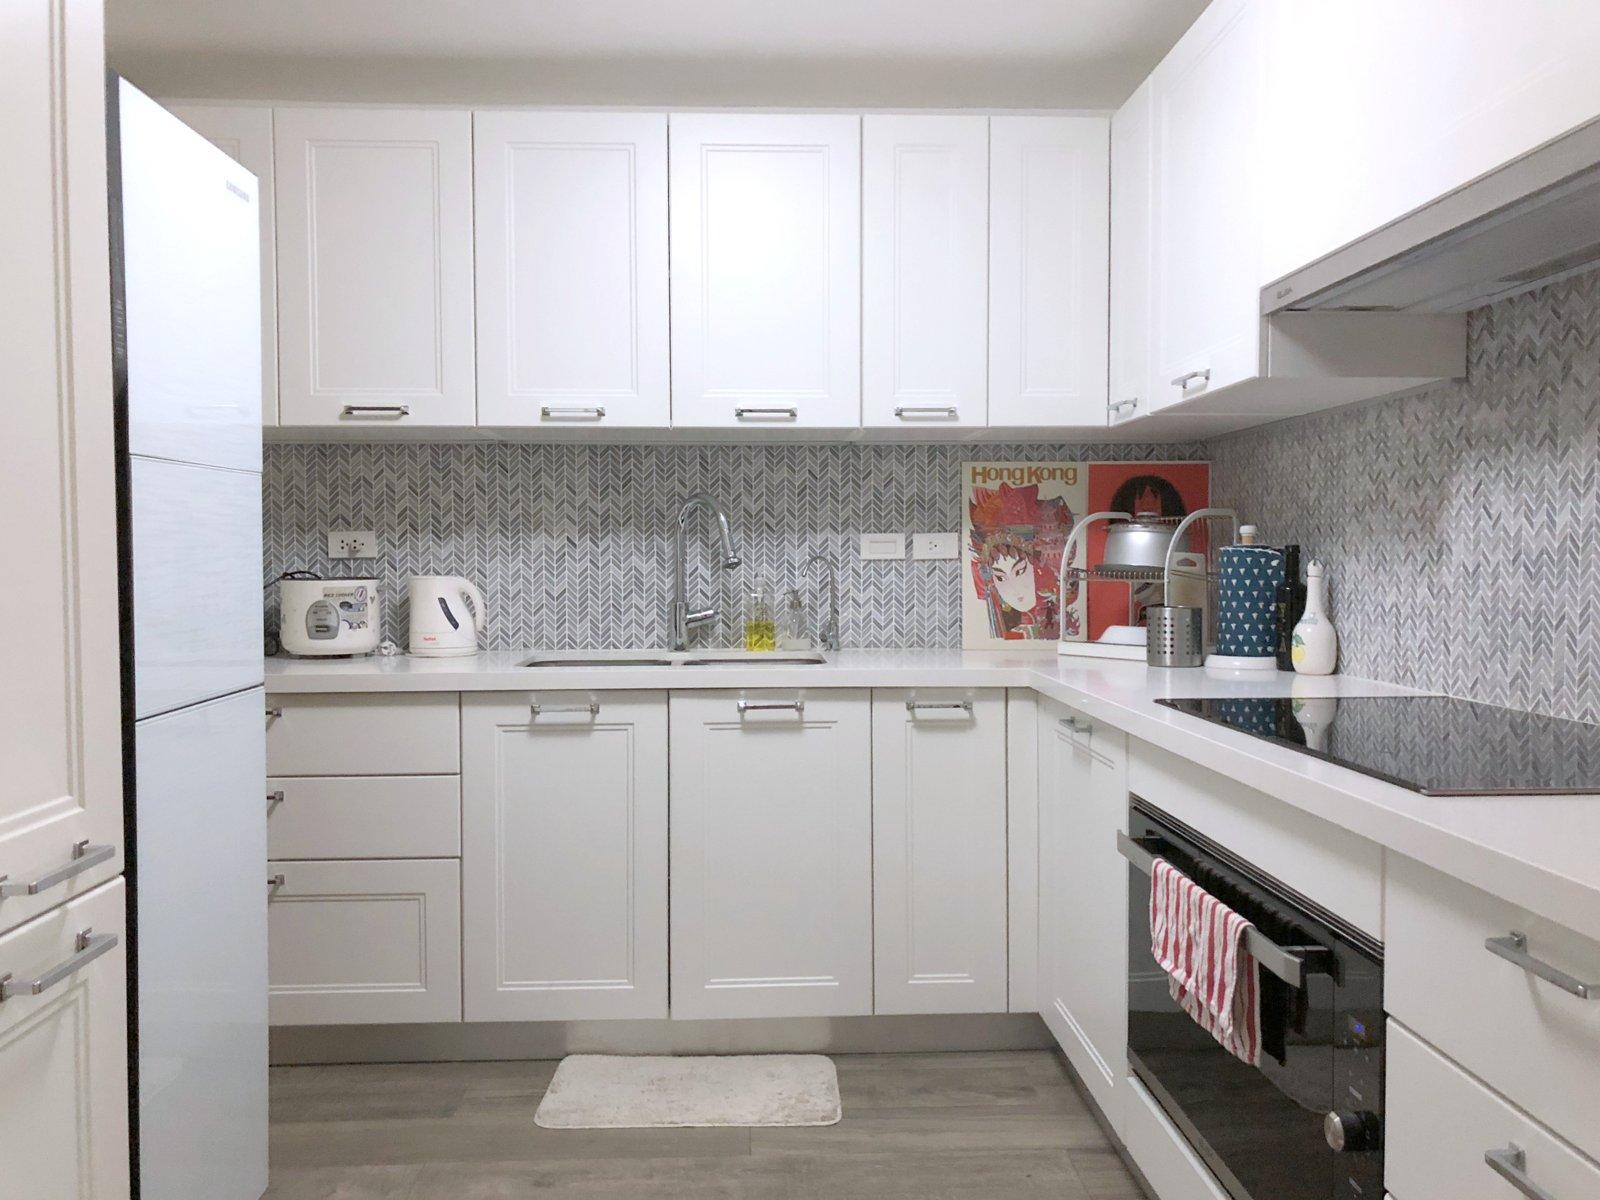 01-tidy kitchen kon mari method.JPG